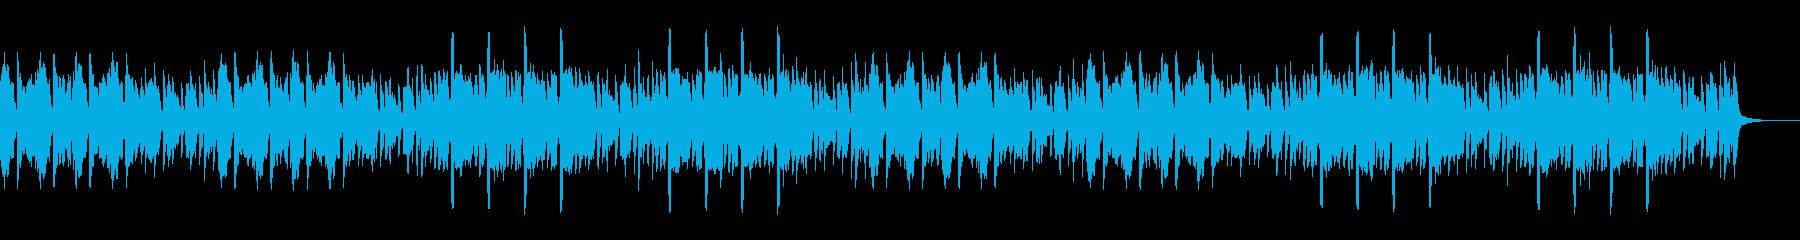 パズルや探索のイメージのライトなループの再生済みの波形